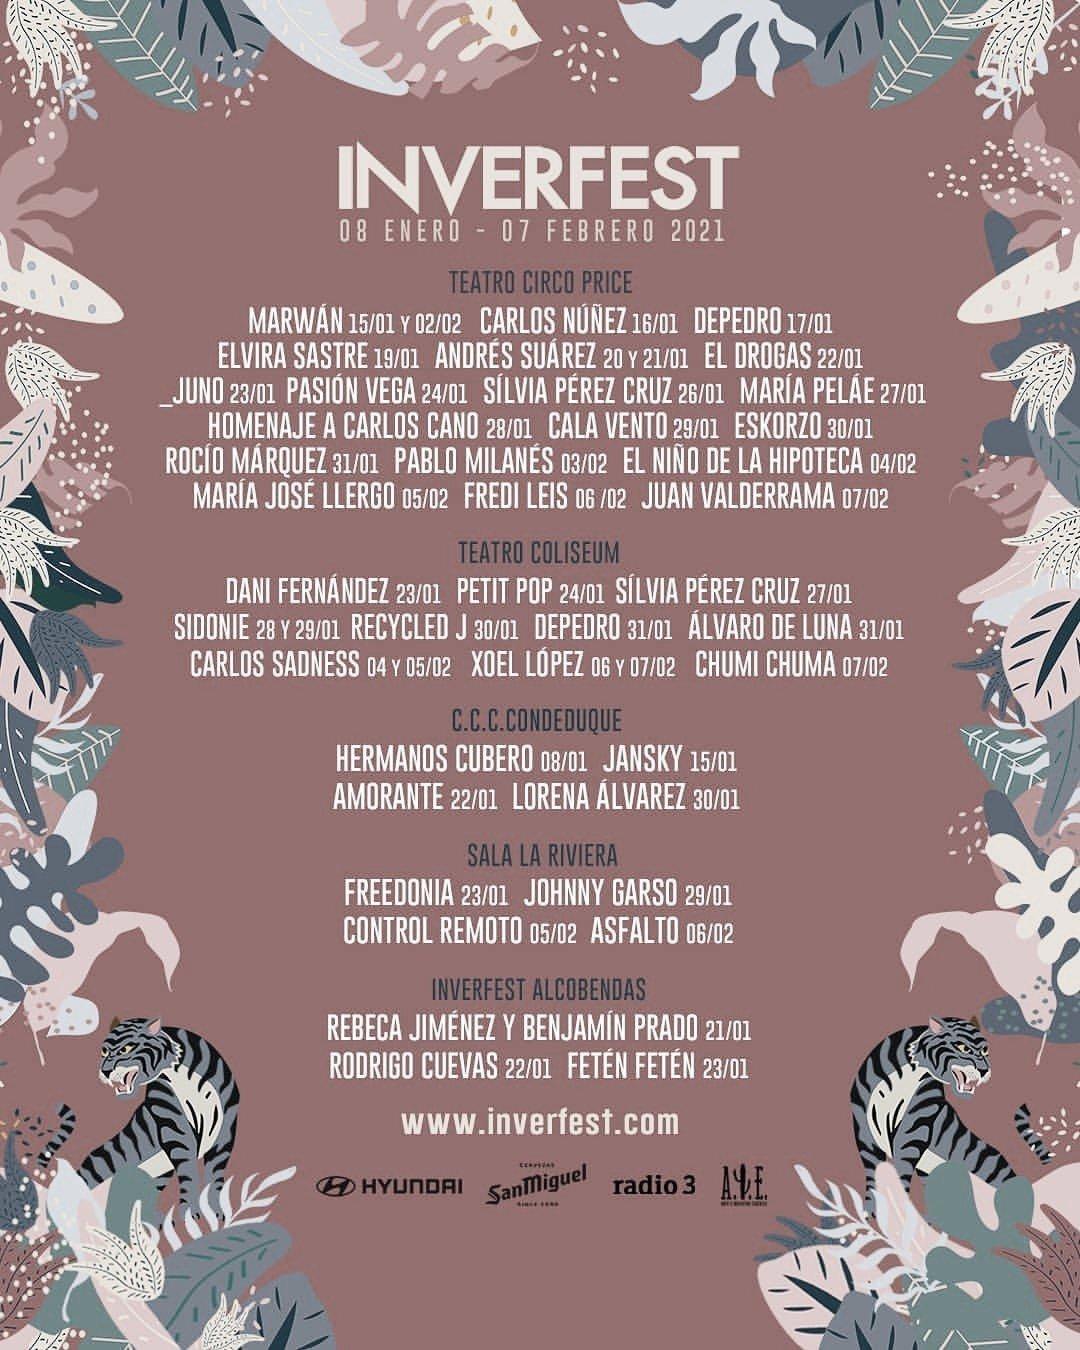 INVERFEST, el festival de invierno en Madrid